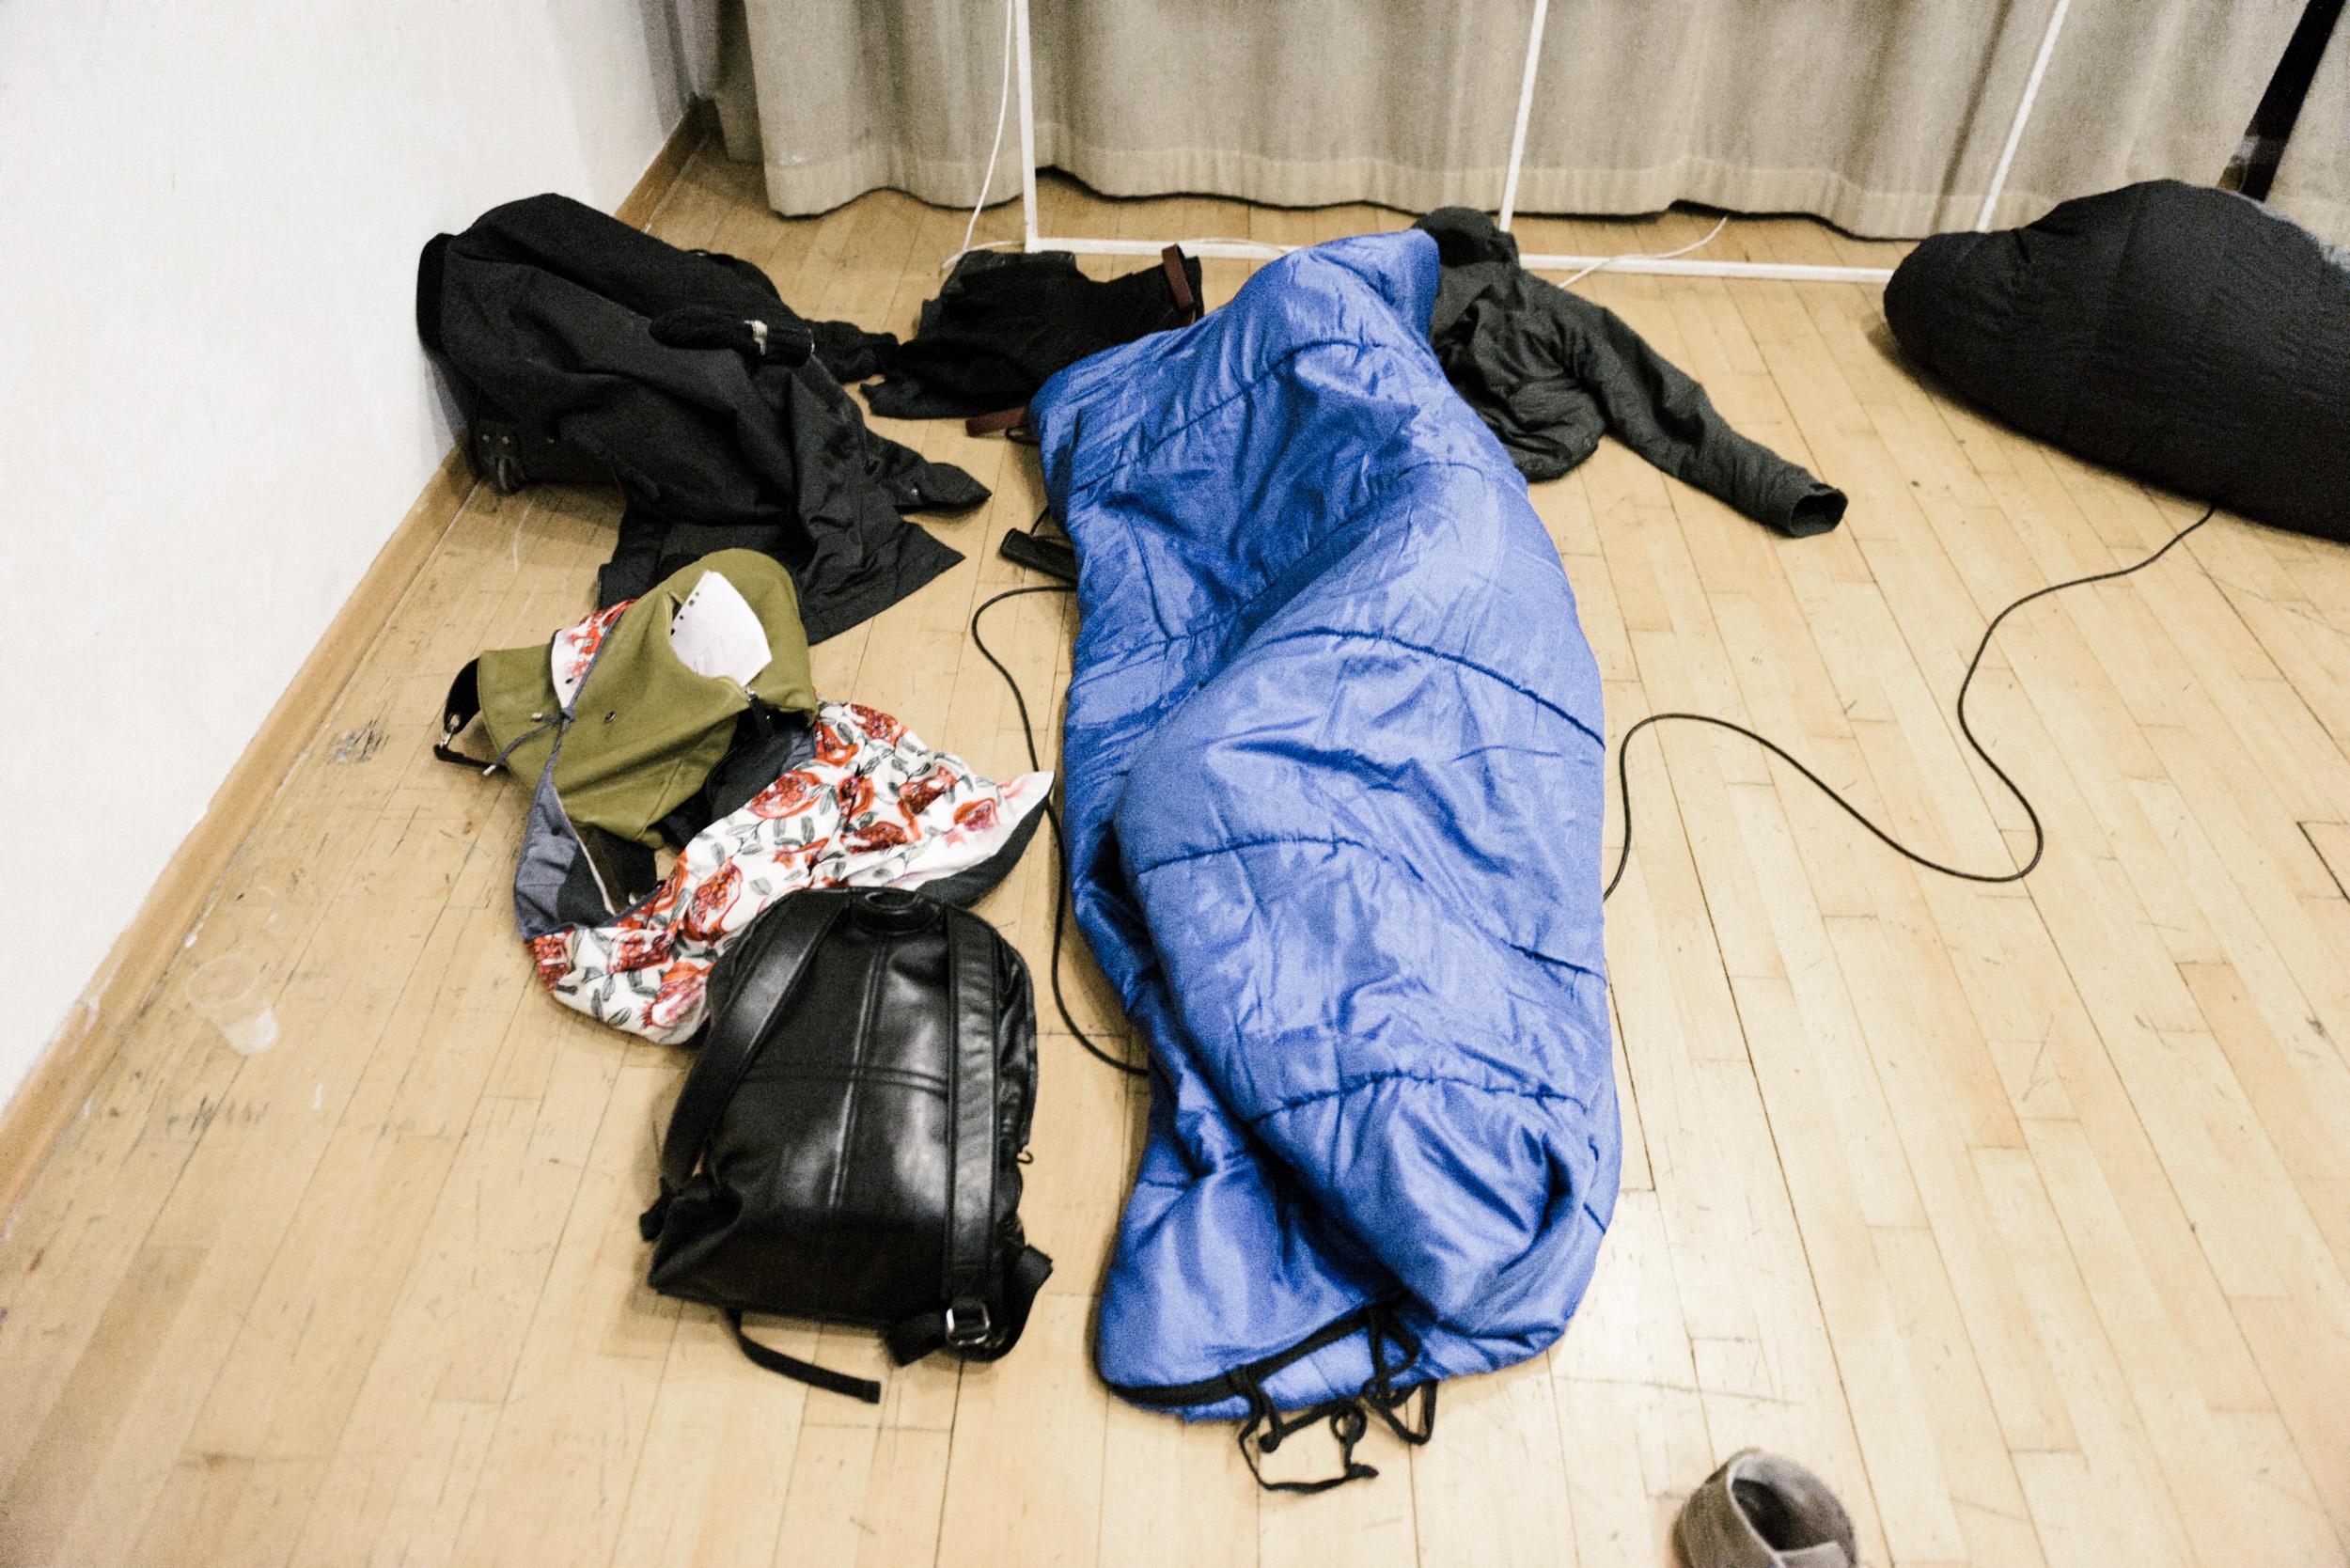 На показе Terra Nullius в Белом зале ЦИМа перформеры Тарас Бурнашев и Андрей Андрианов 40 минут не вылезали из спальных м